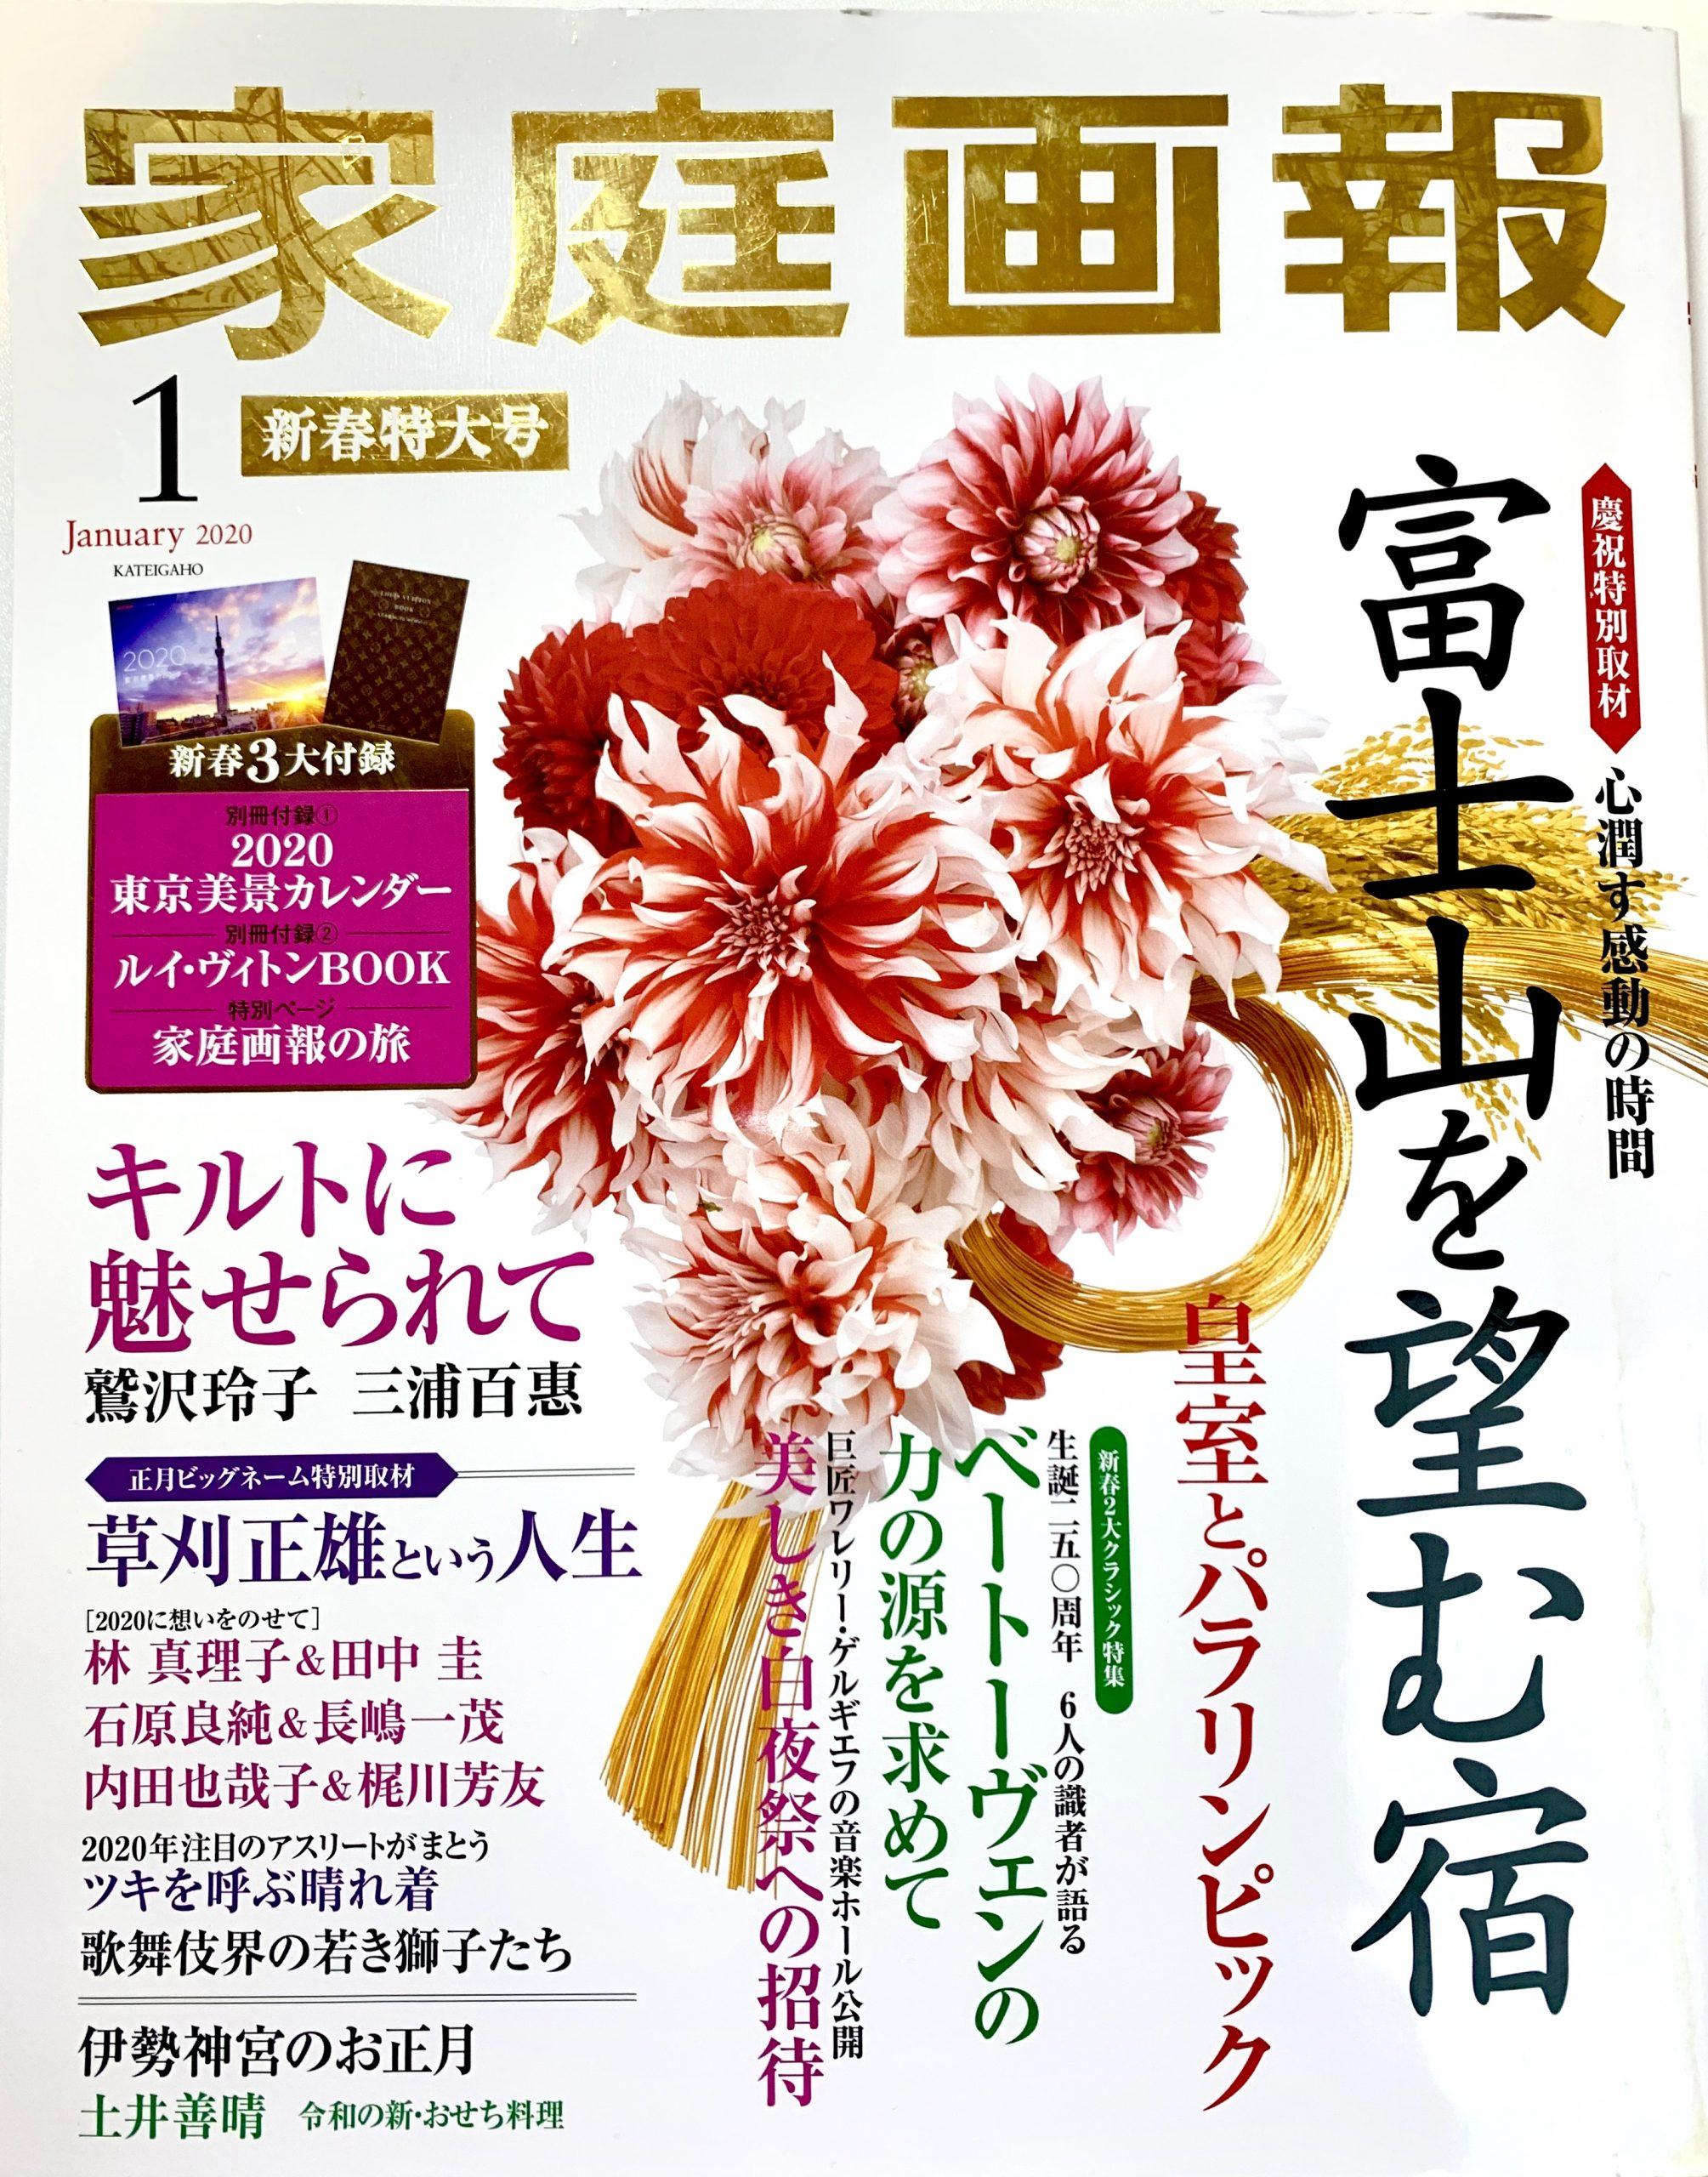 11月30日発売「家庭画報」2020年1月号にミスキョウコが掲載されました。